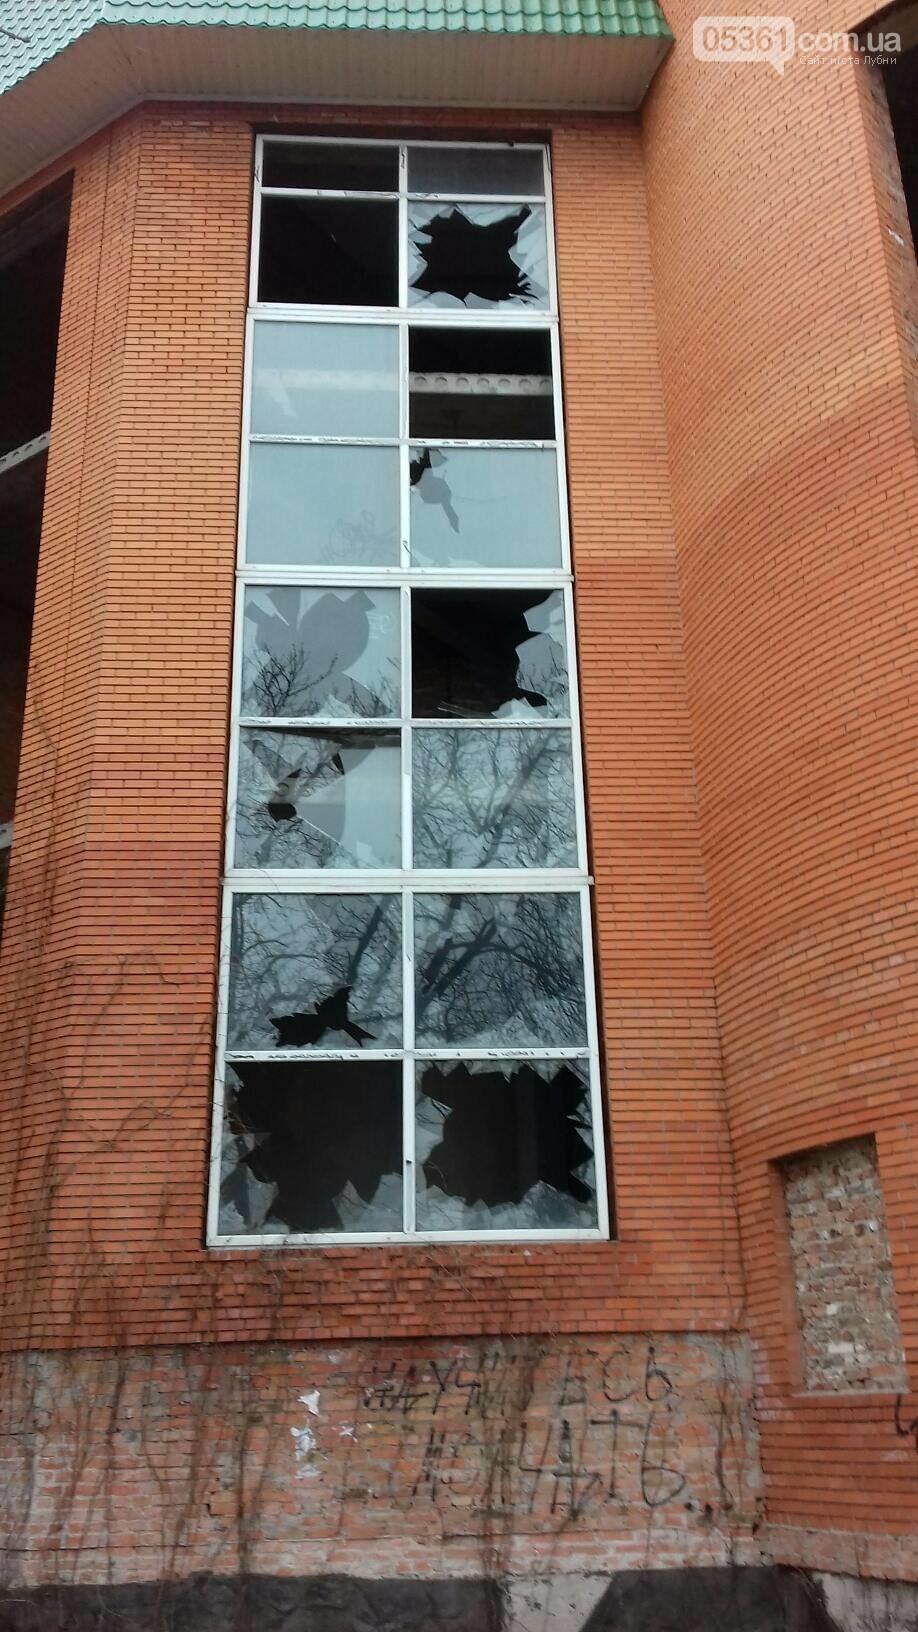 Теорія  розбитих вікон, фото-2